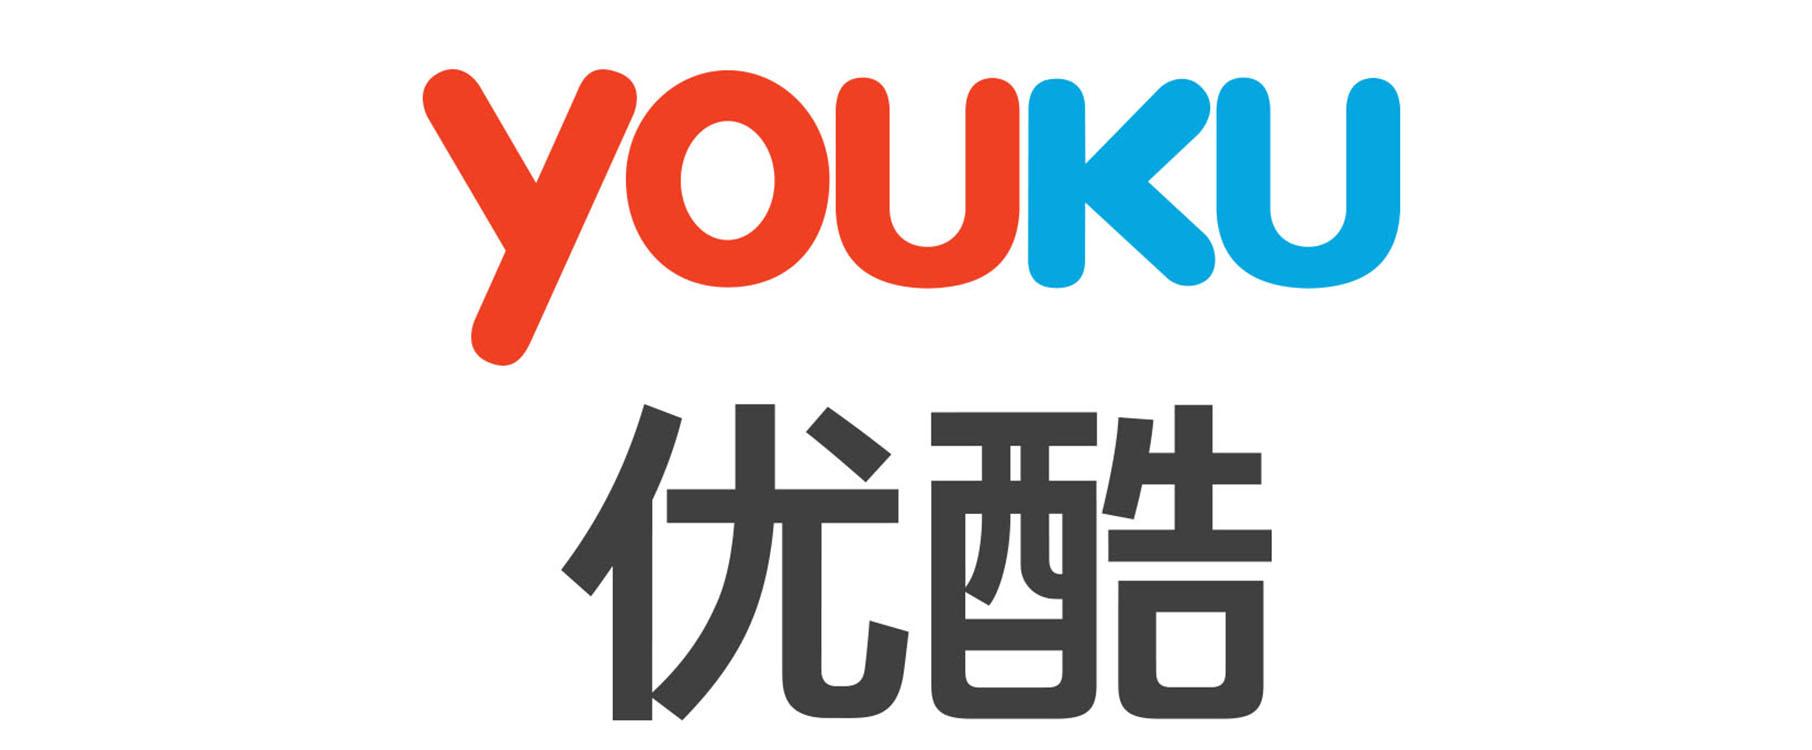 Vega Youku Channel • Vega Cylinders Official Blog